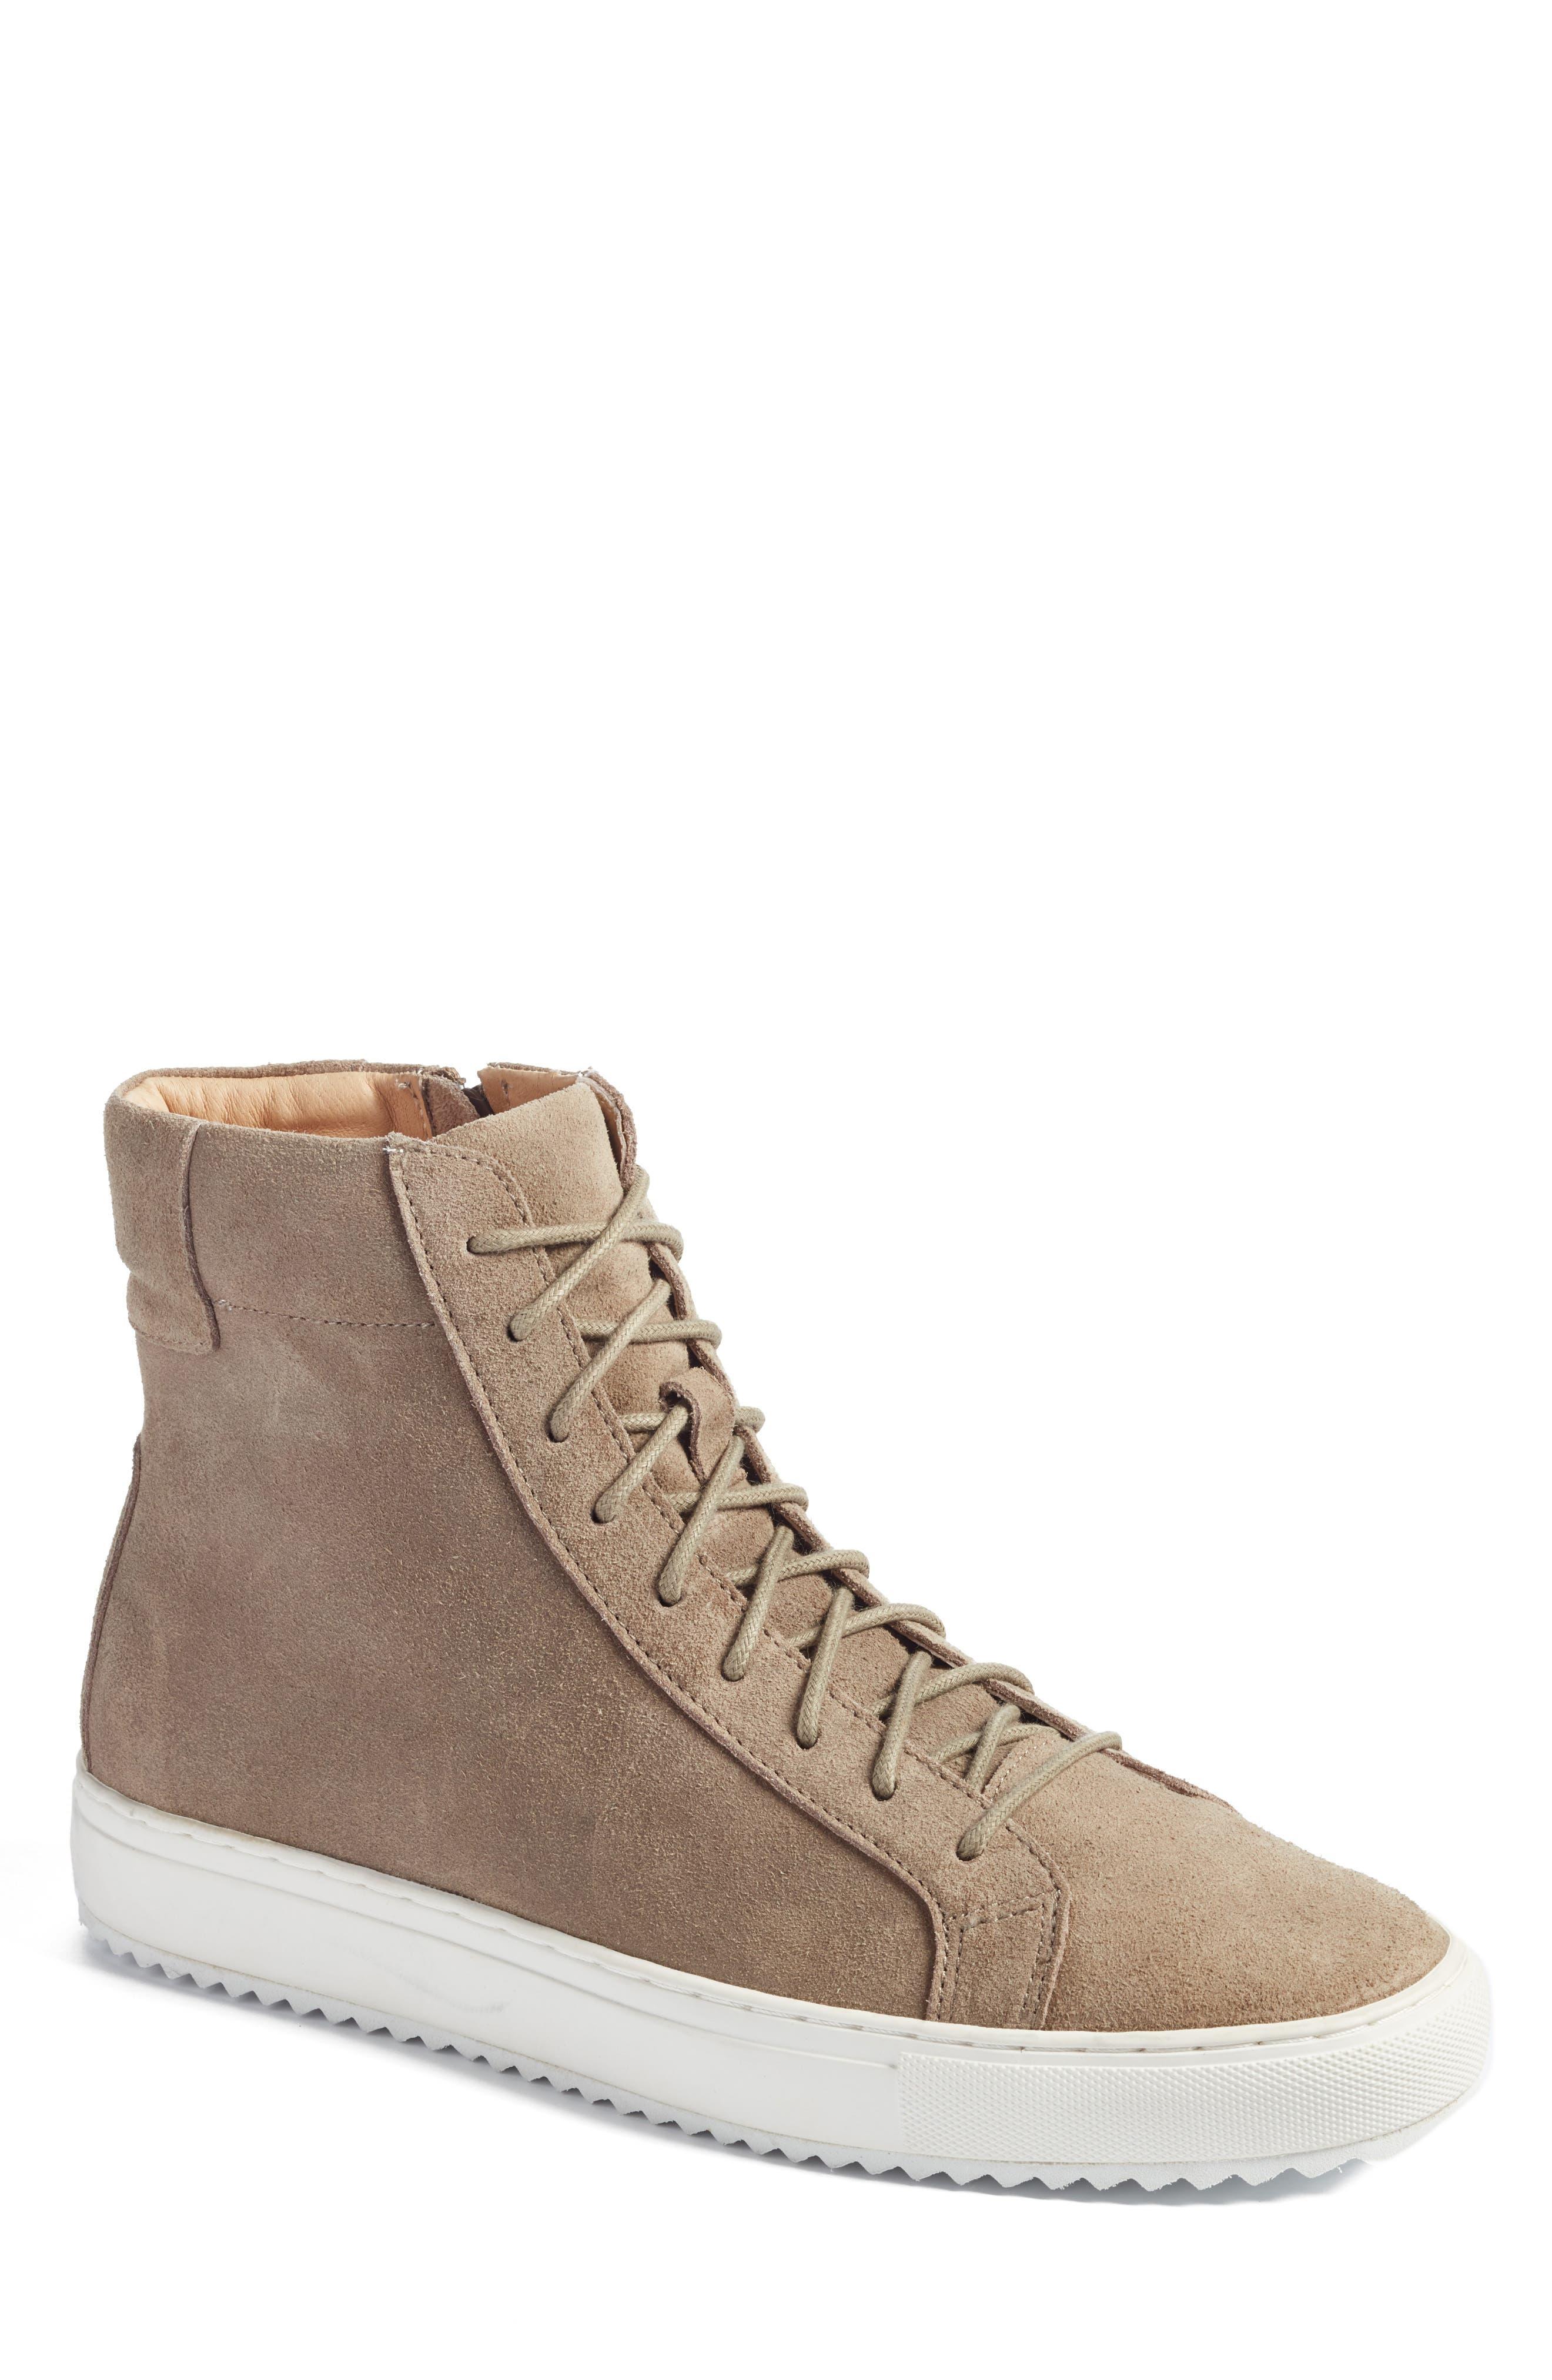 Alternate Image 1 Selected - TCG Logan Water Resistant High Top Sneaker (Men)